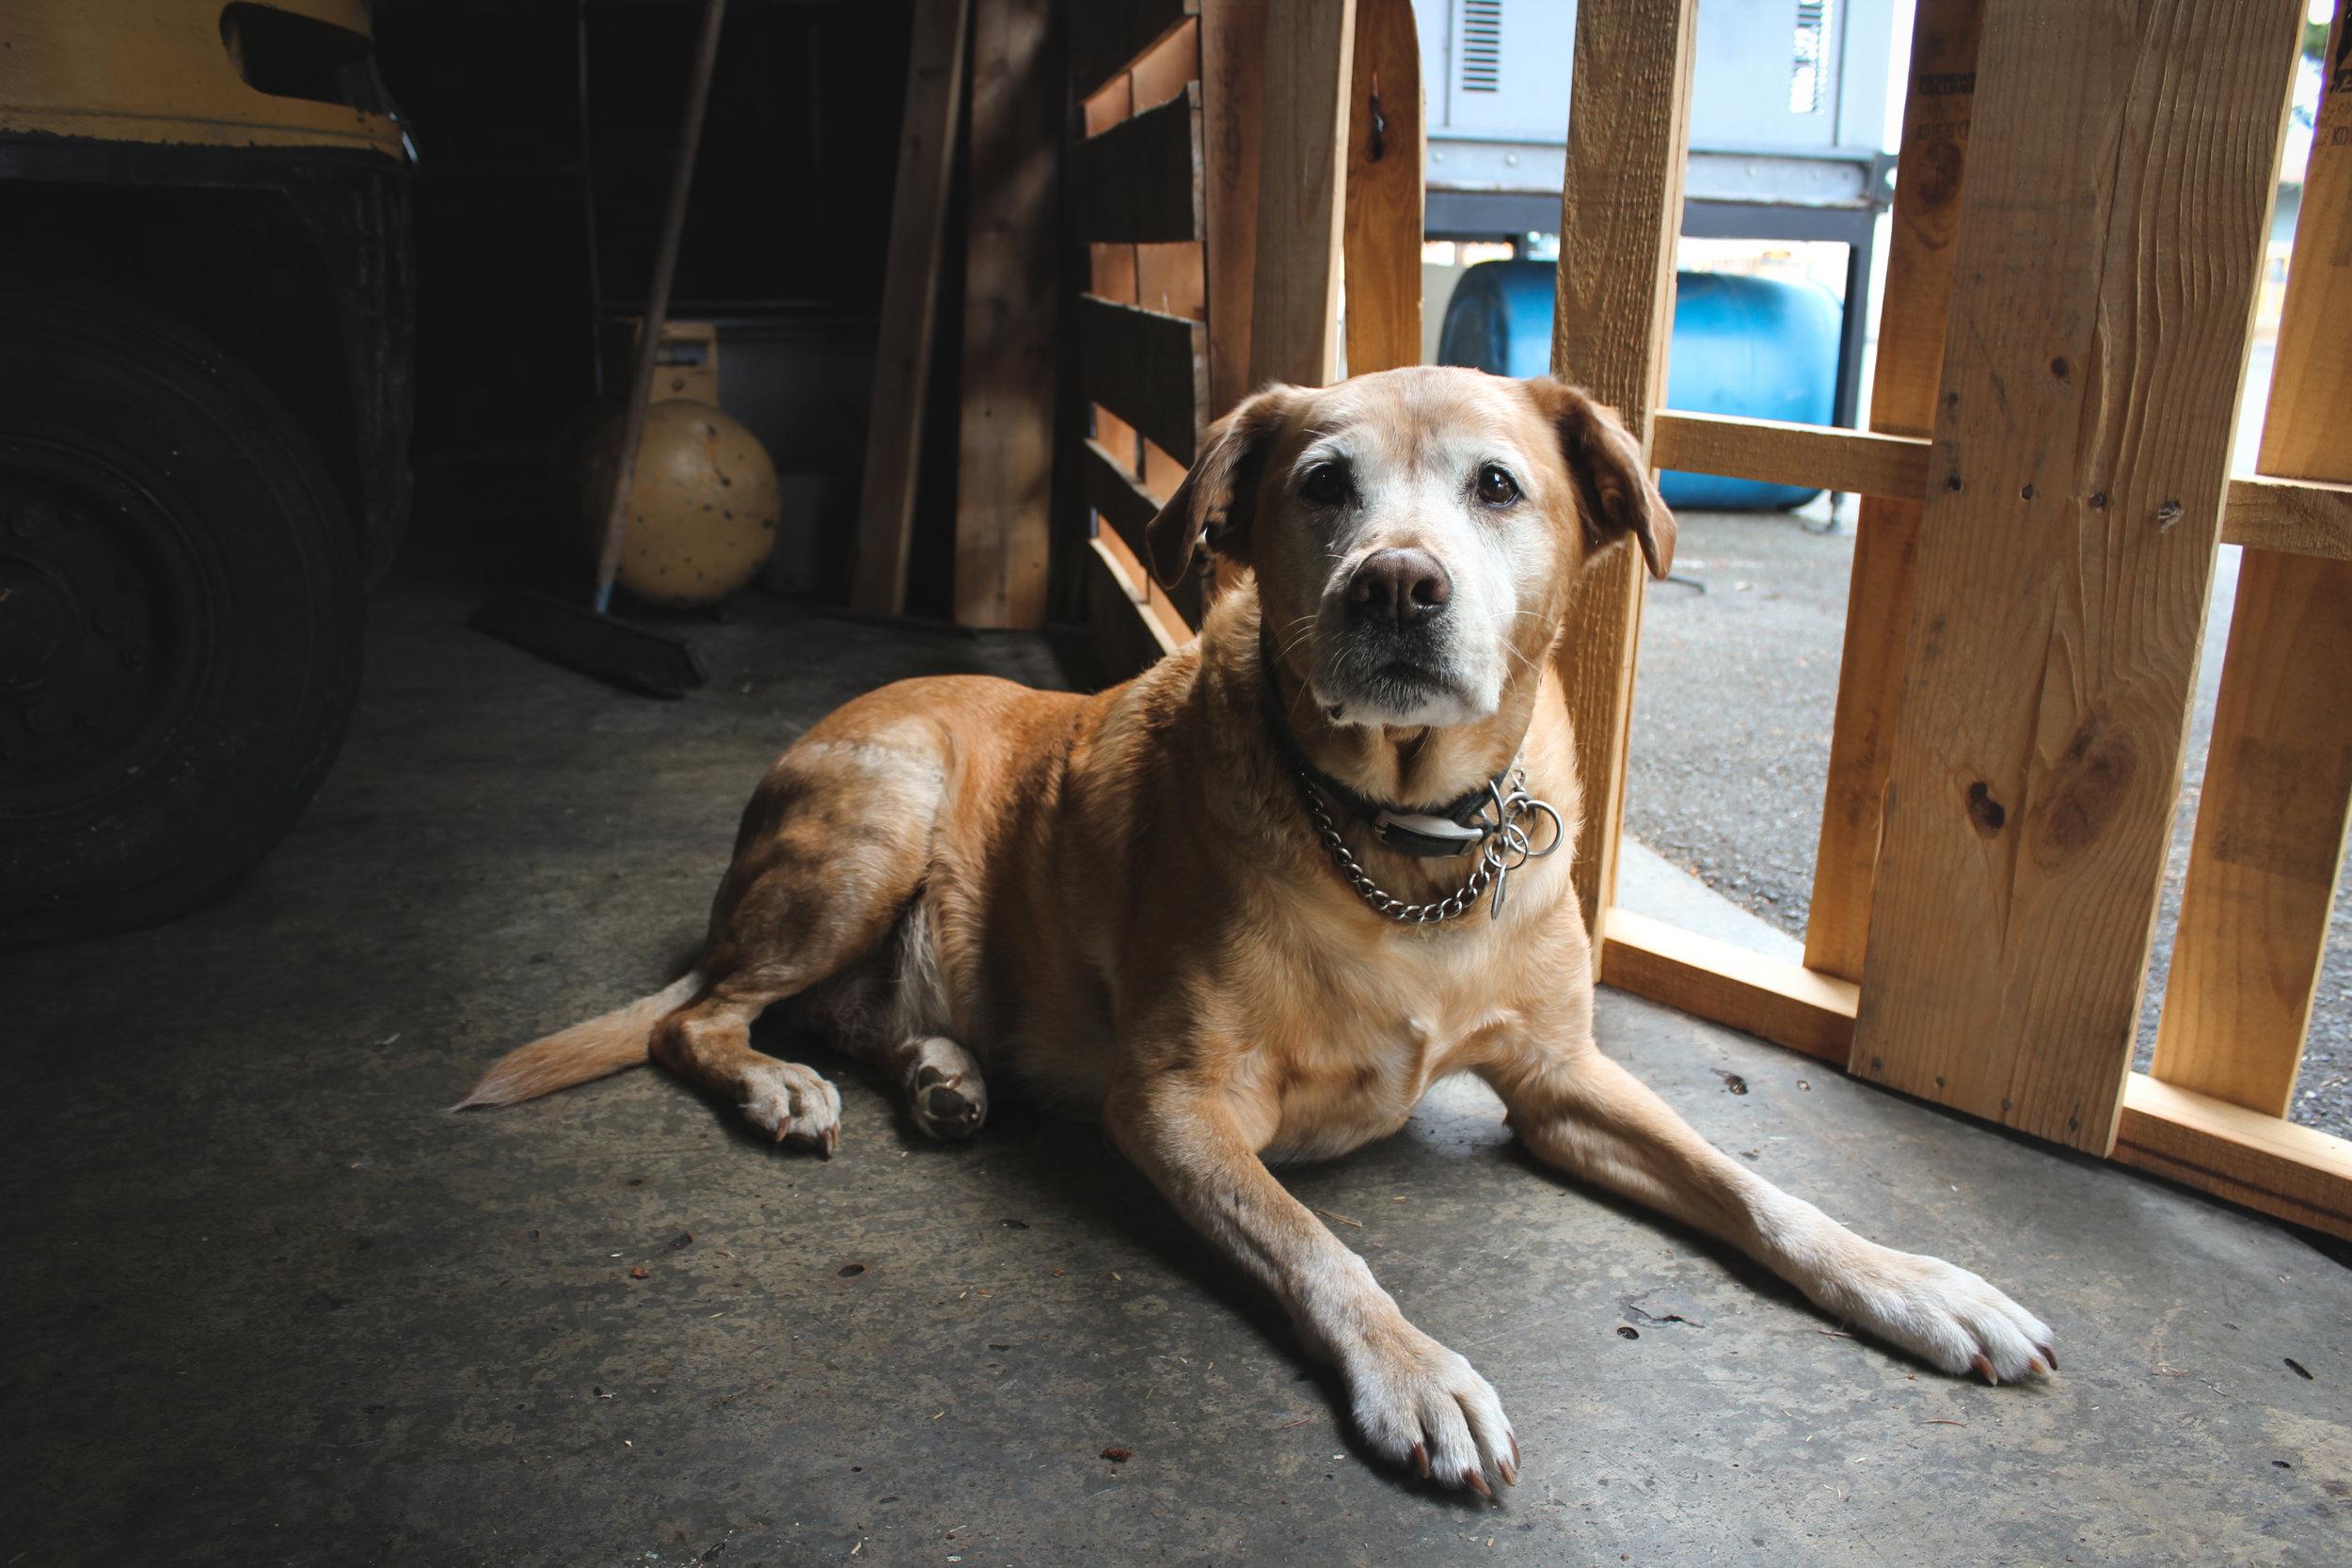 Hank, aka Bad Dog